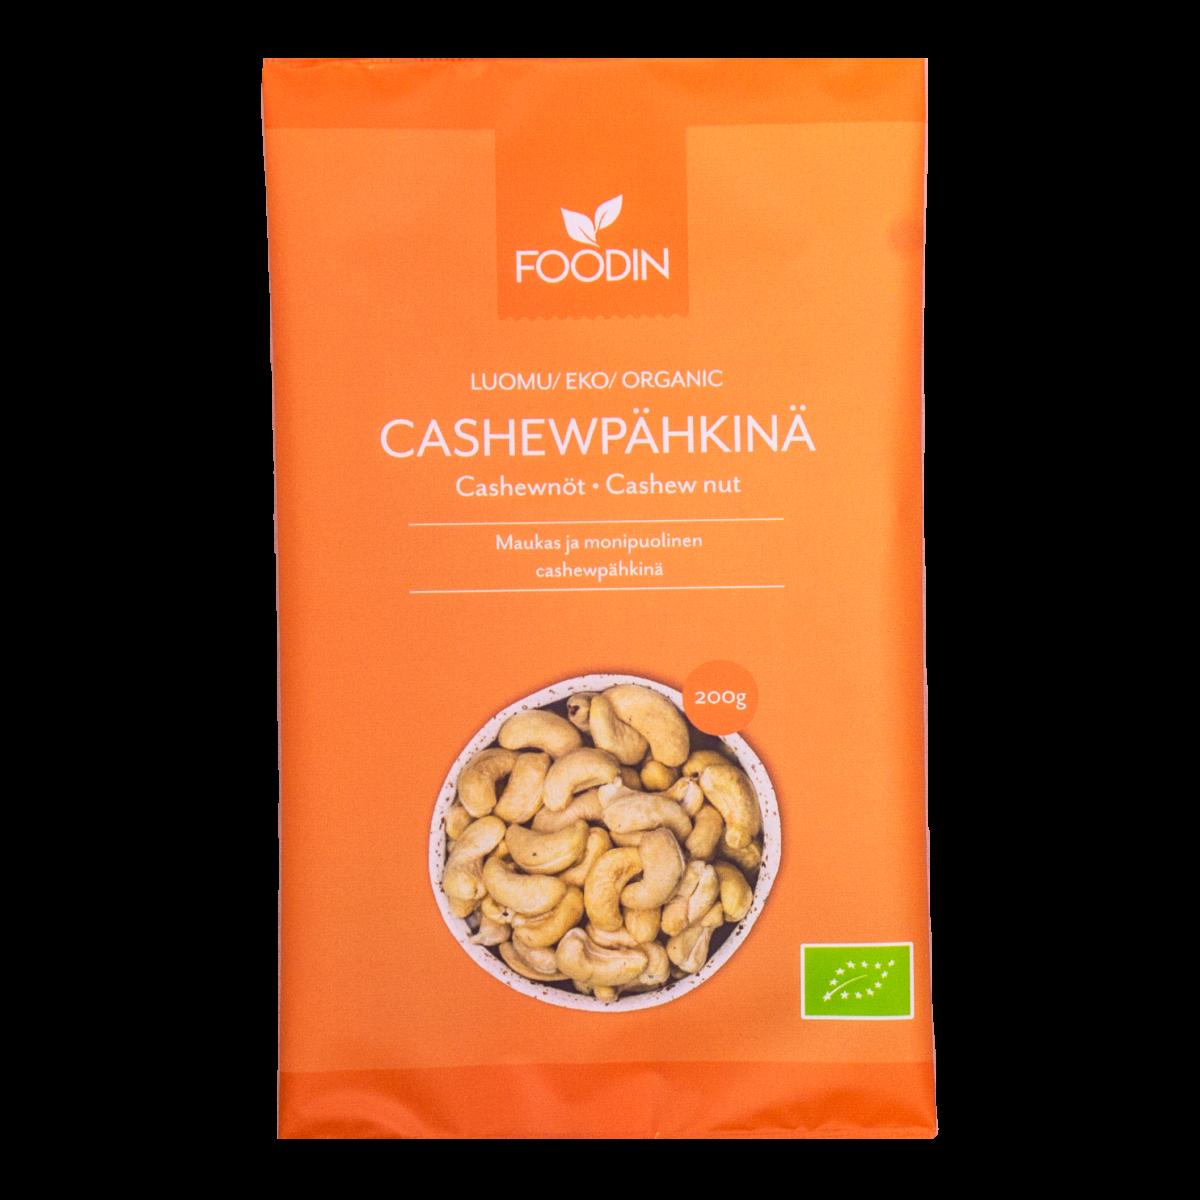 Cashewpähkinä